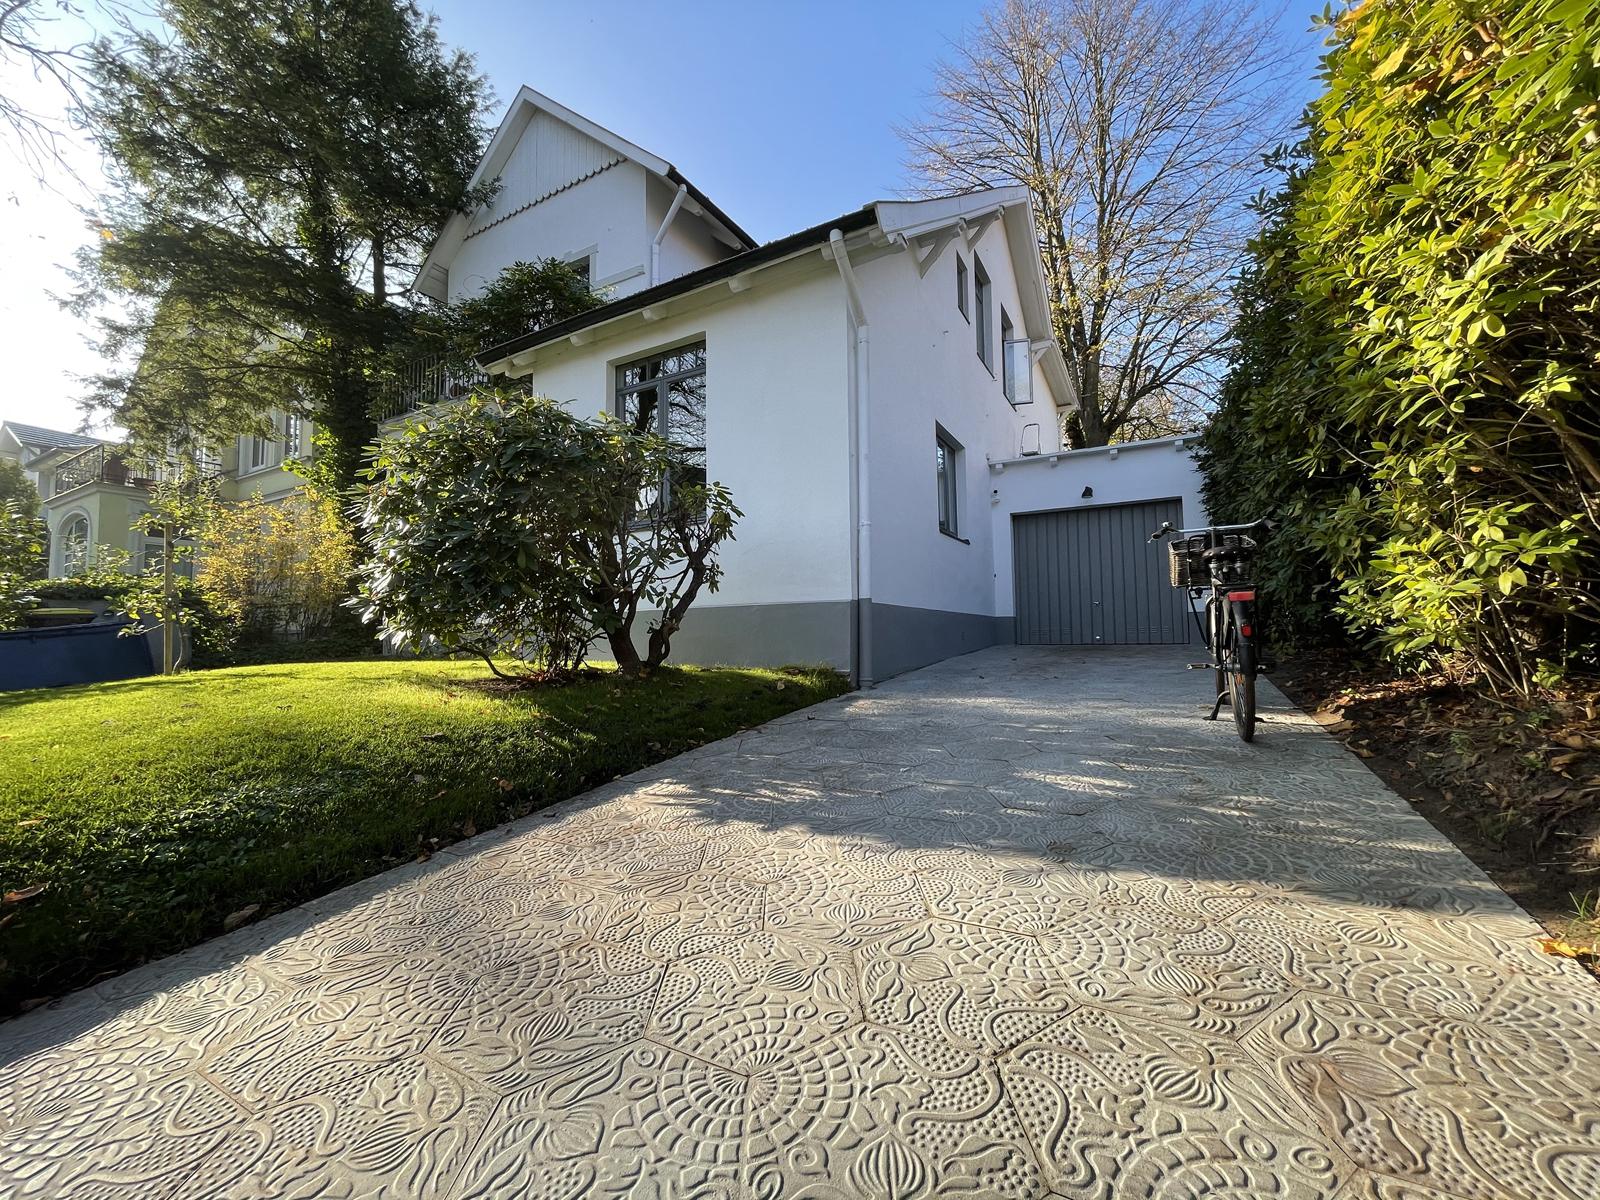 trottoirplatten-aussenbereichbelag-einfahrt-nr.AP02-viaplatten | AP02